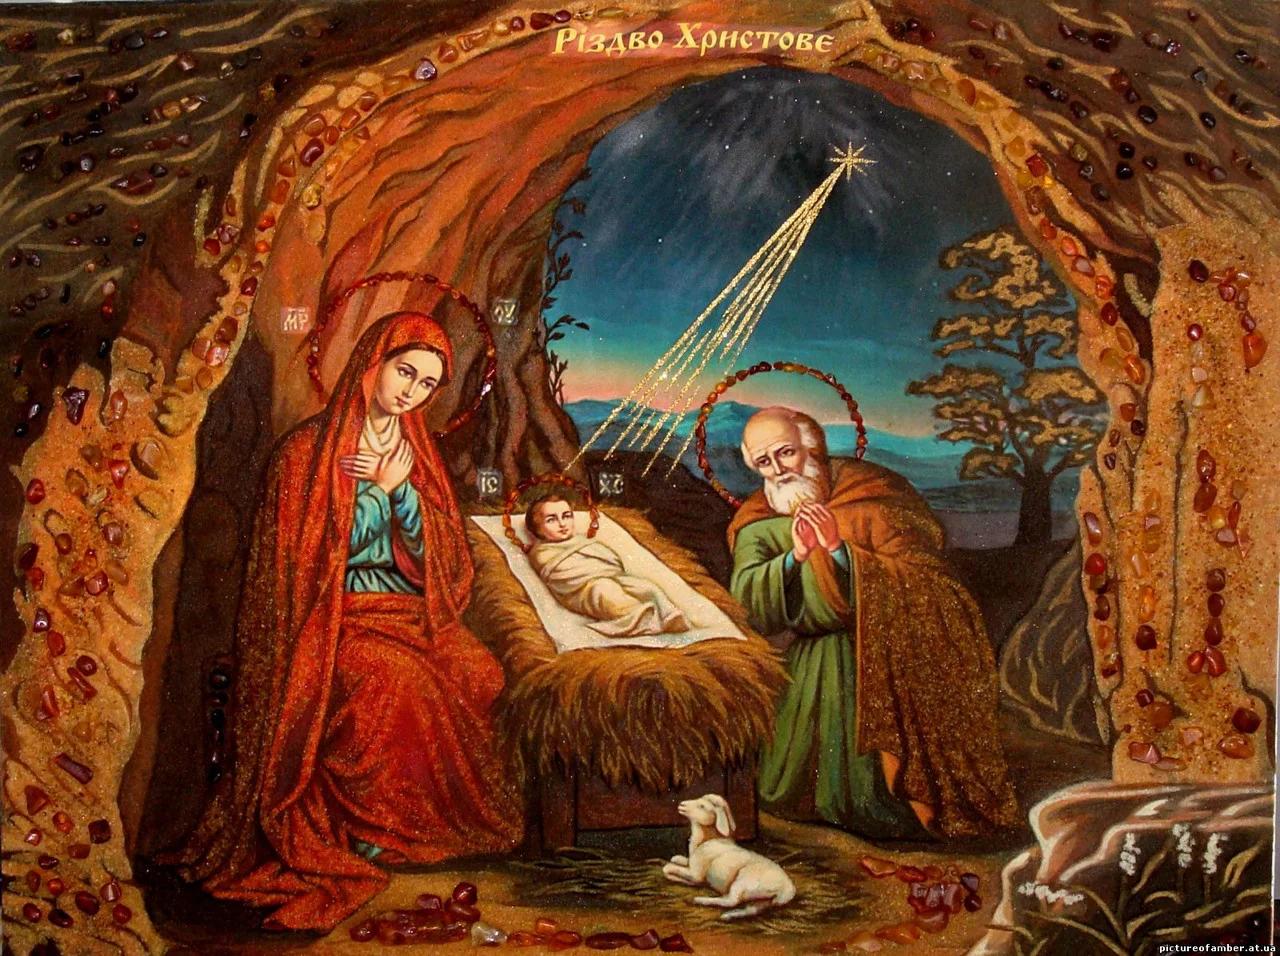 Різдво Христове – одне з найважливіших християнських свят